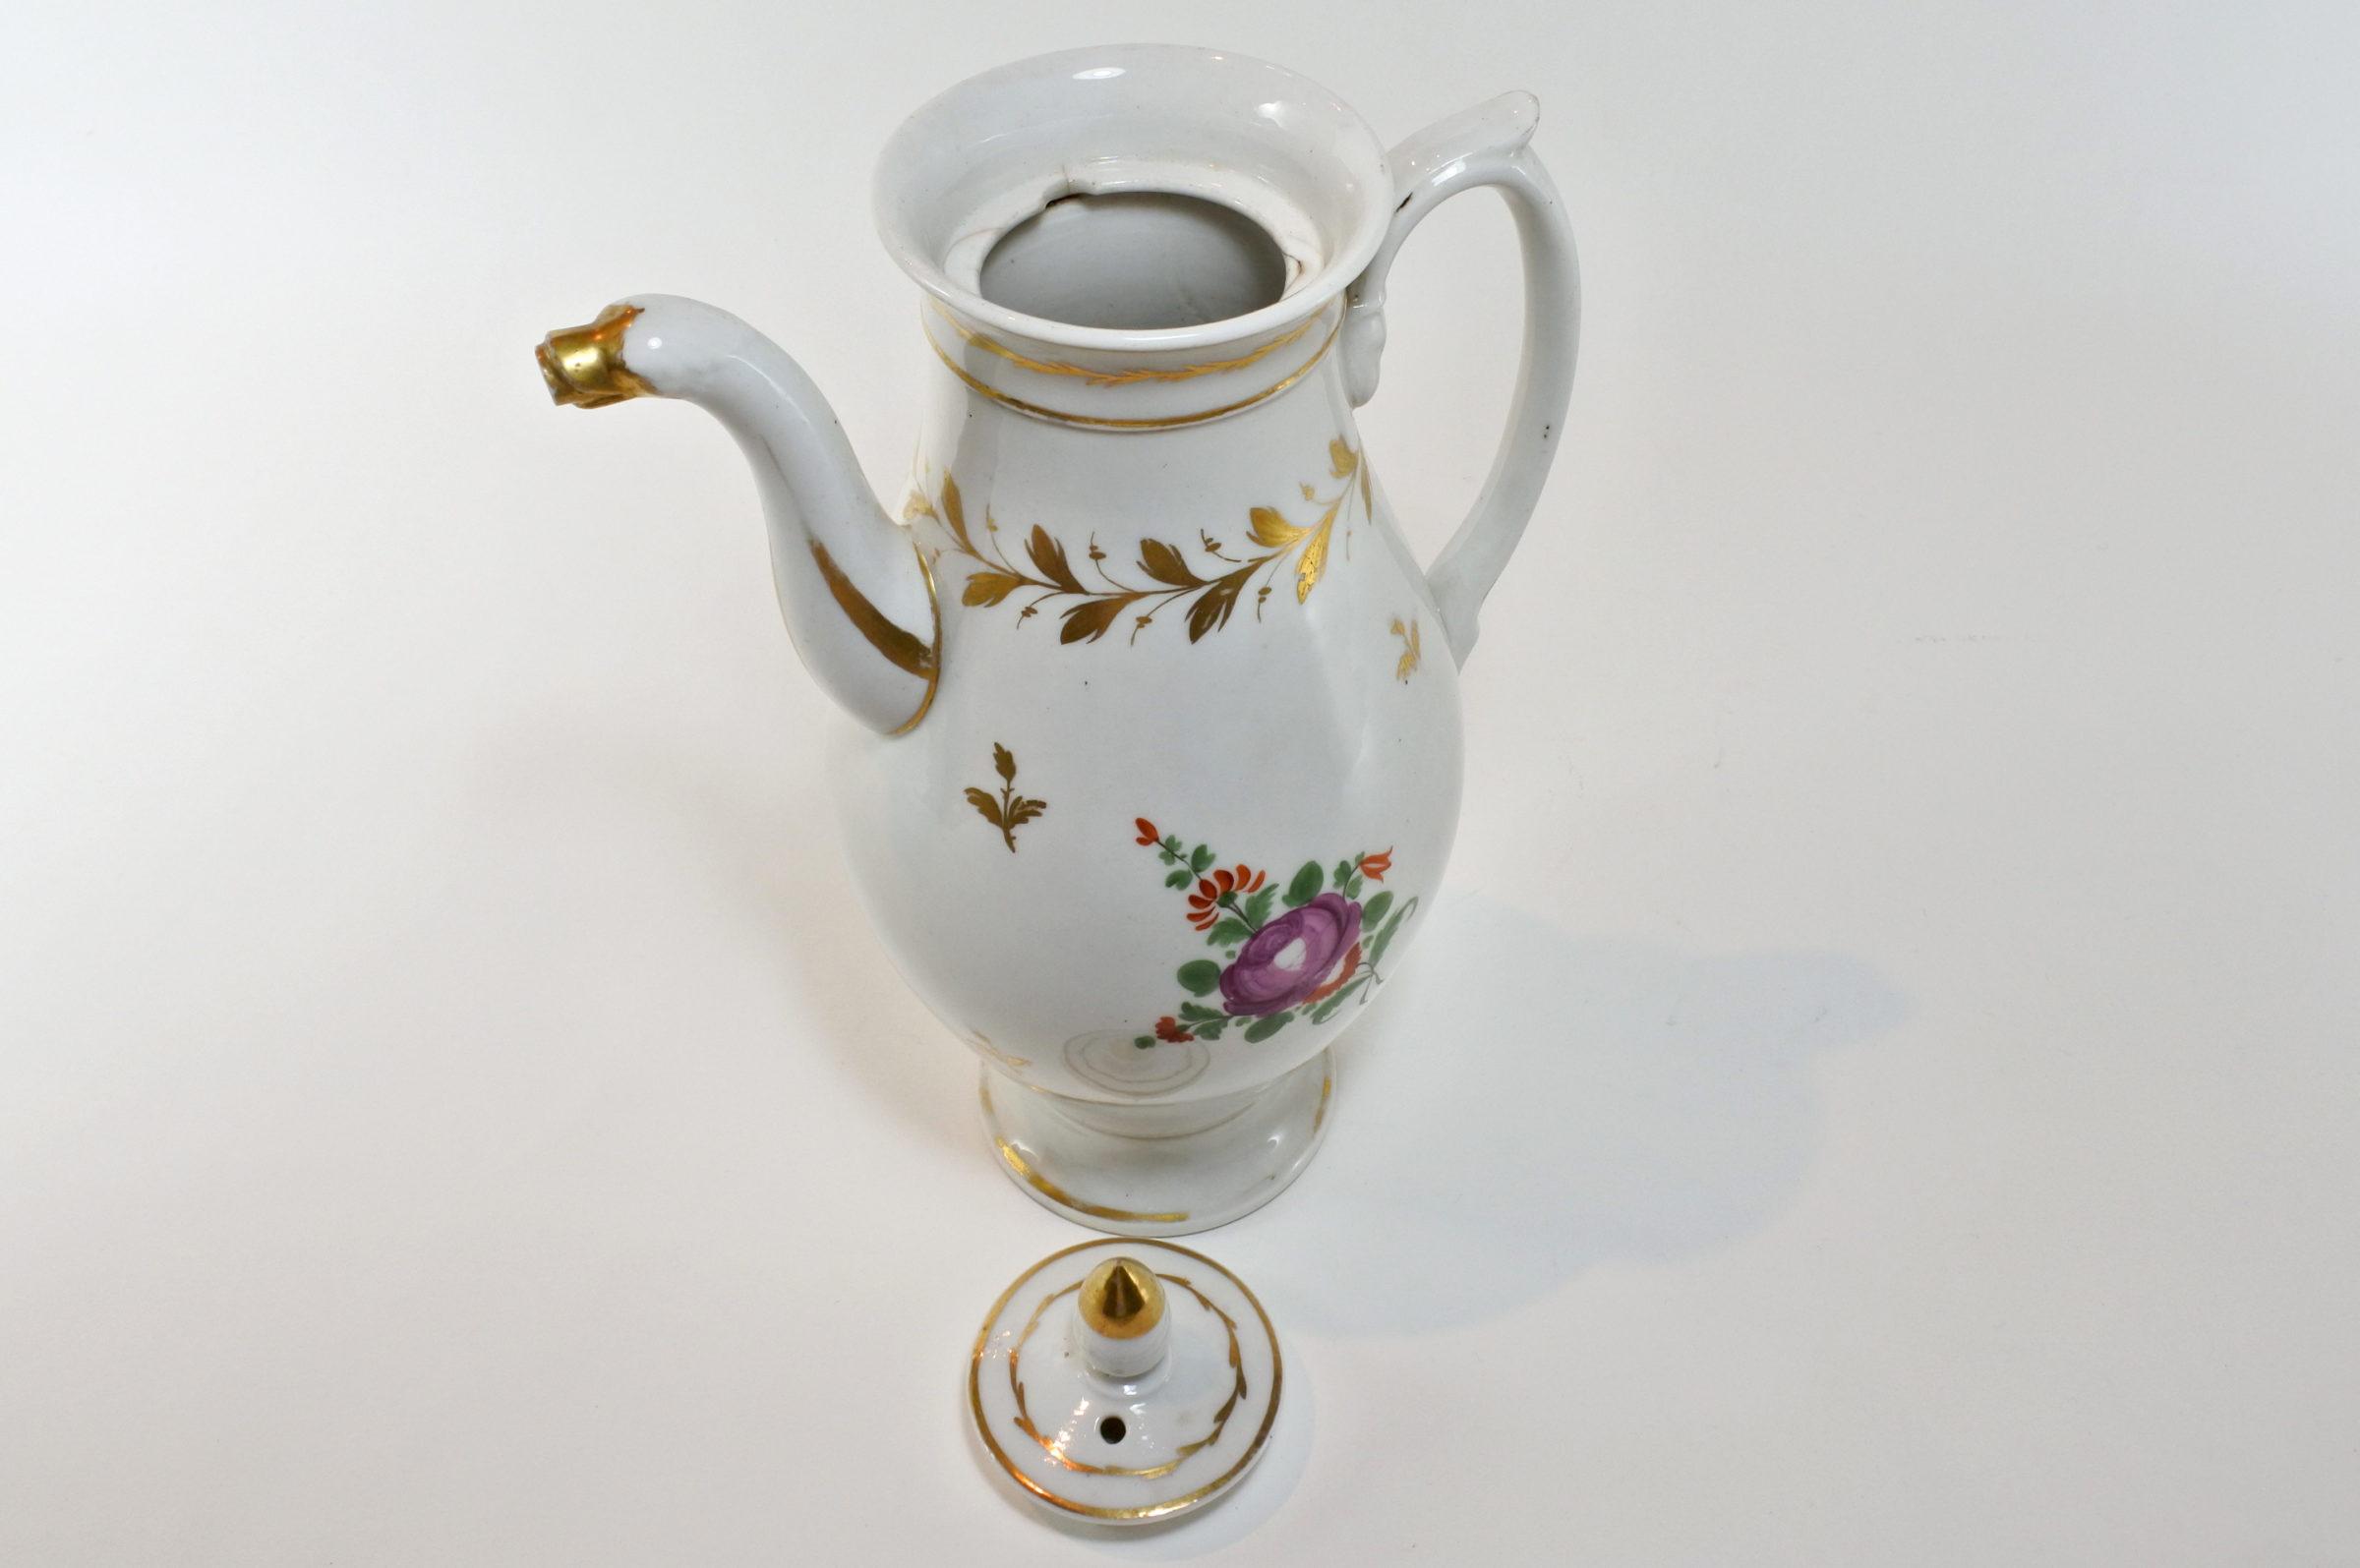 Caffettiera in porcellana Vecchia Parigi - Vieux Paris. Decoro con fiori - 5